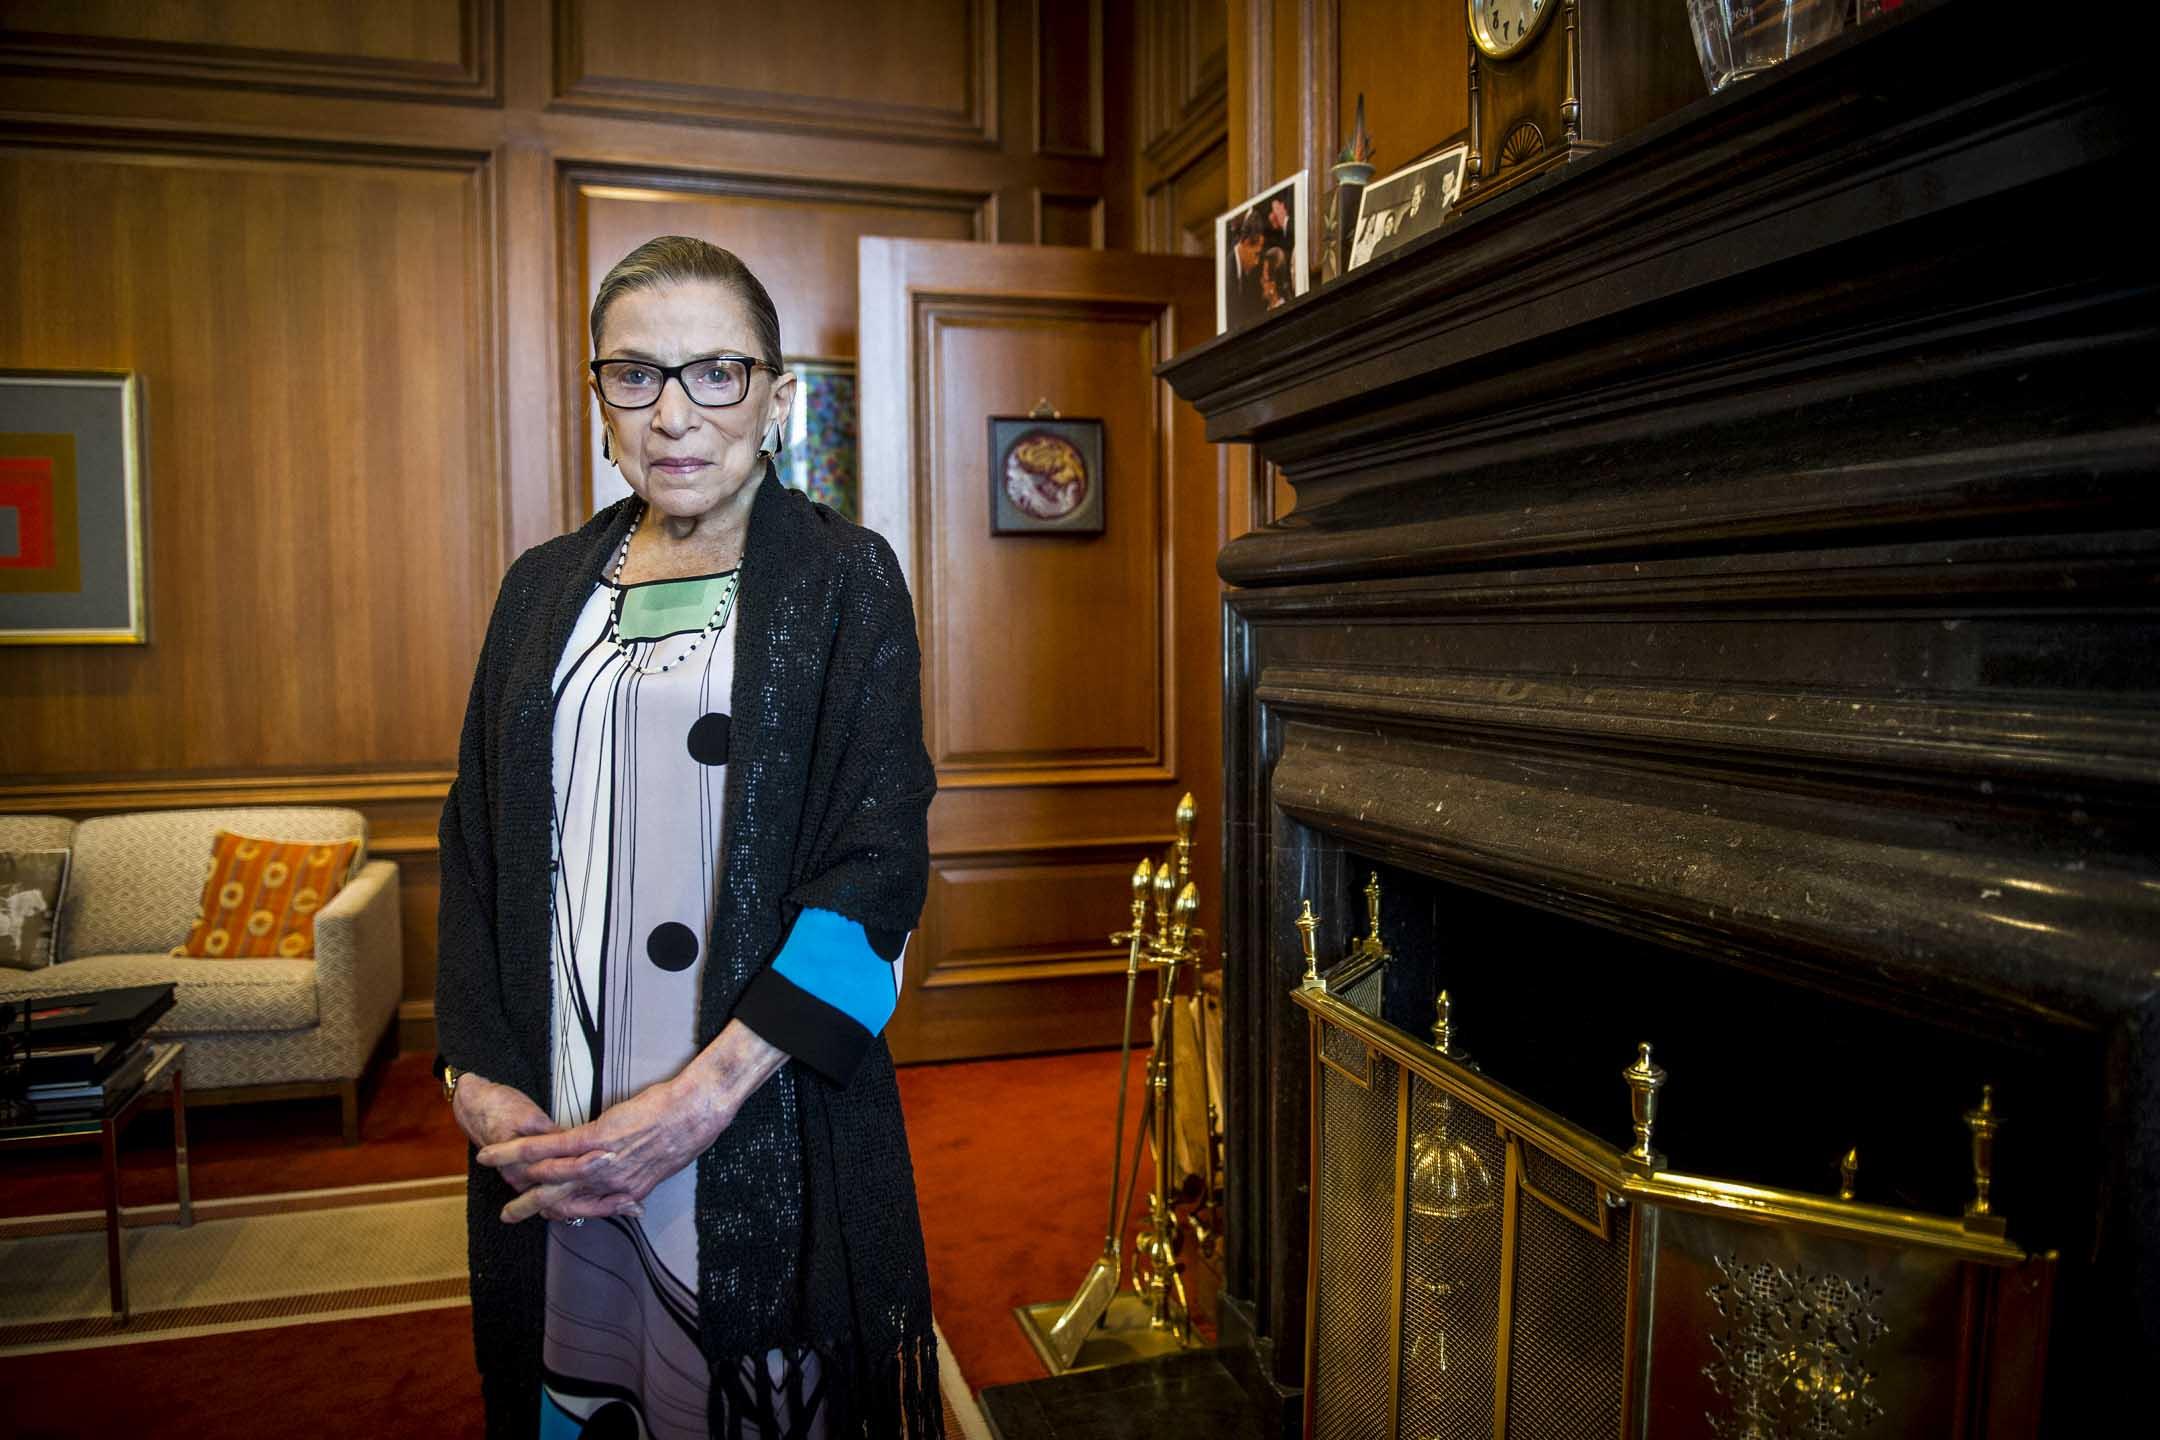 美國最高法院大法官金斯堡(Ruth Bader Ginsburg)於本月18日因胰臟癌併發症病逝,享年87歲。圖為金斯堡拍攝於2014年7月31日。 攝:Cliff Owen/AP/達志影像